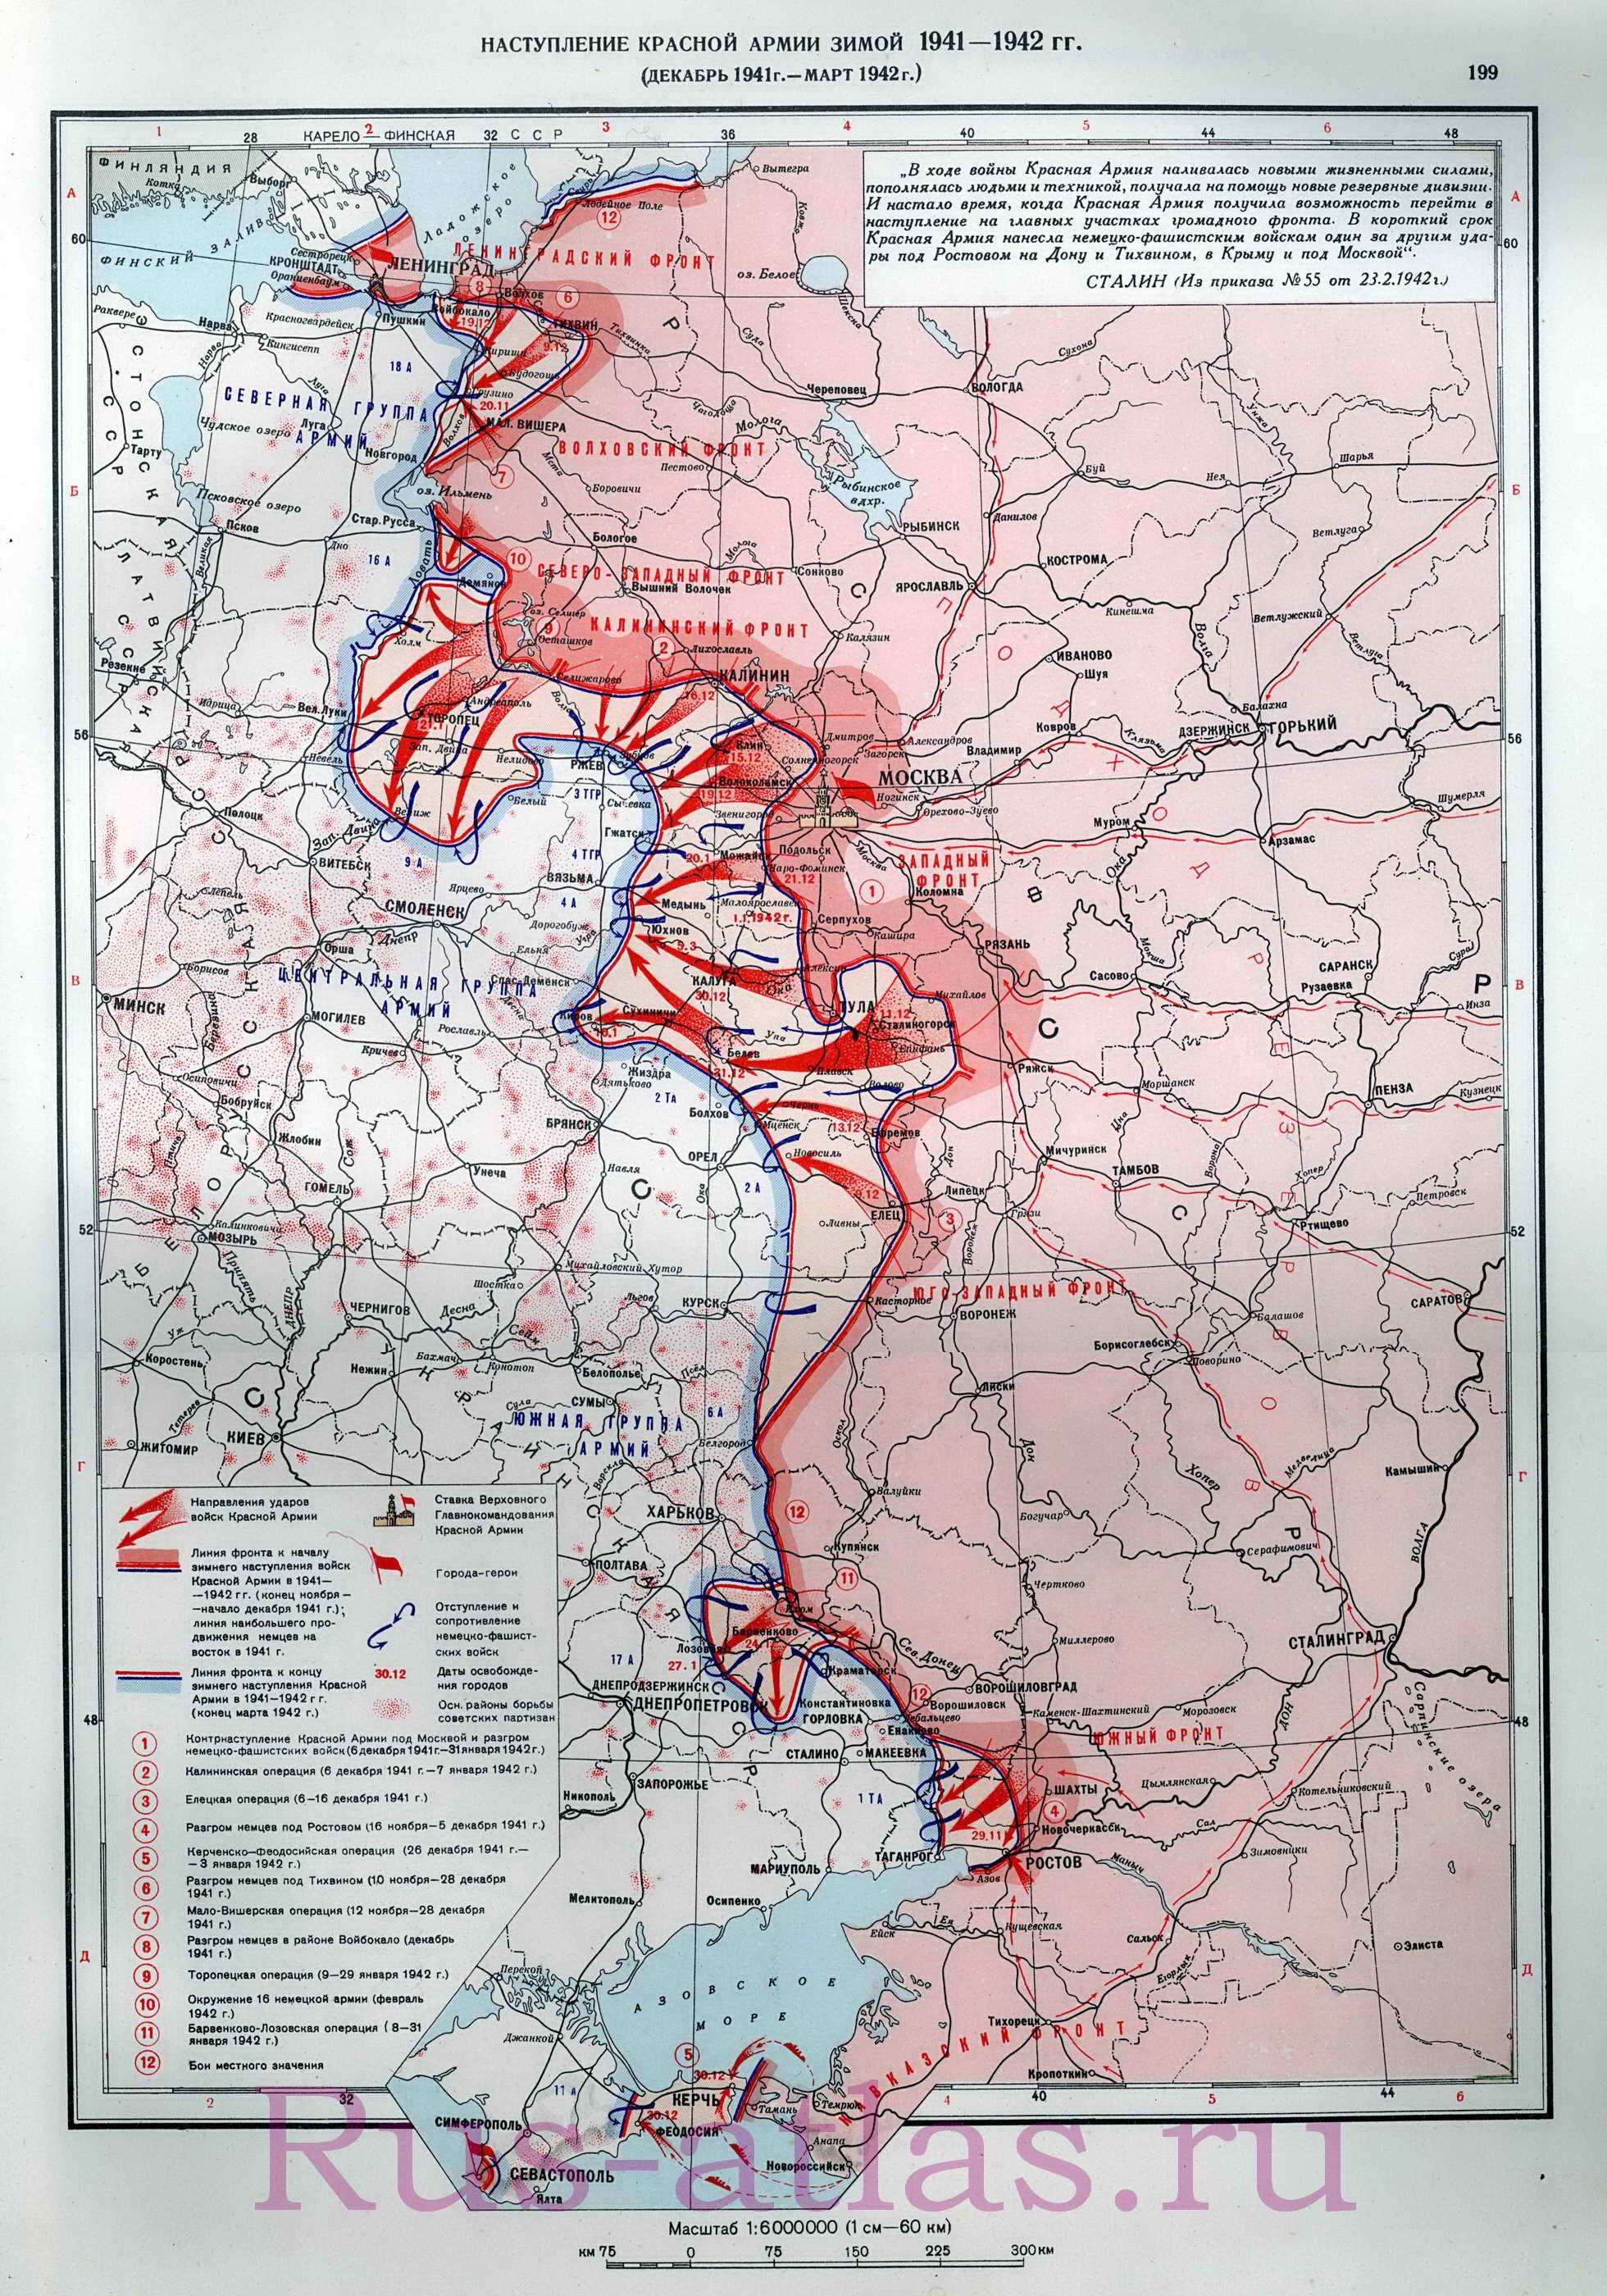 Наступление красной армии зимой 1941 1942